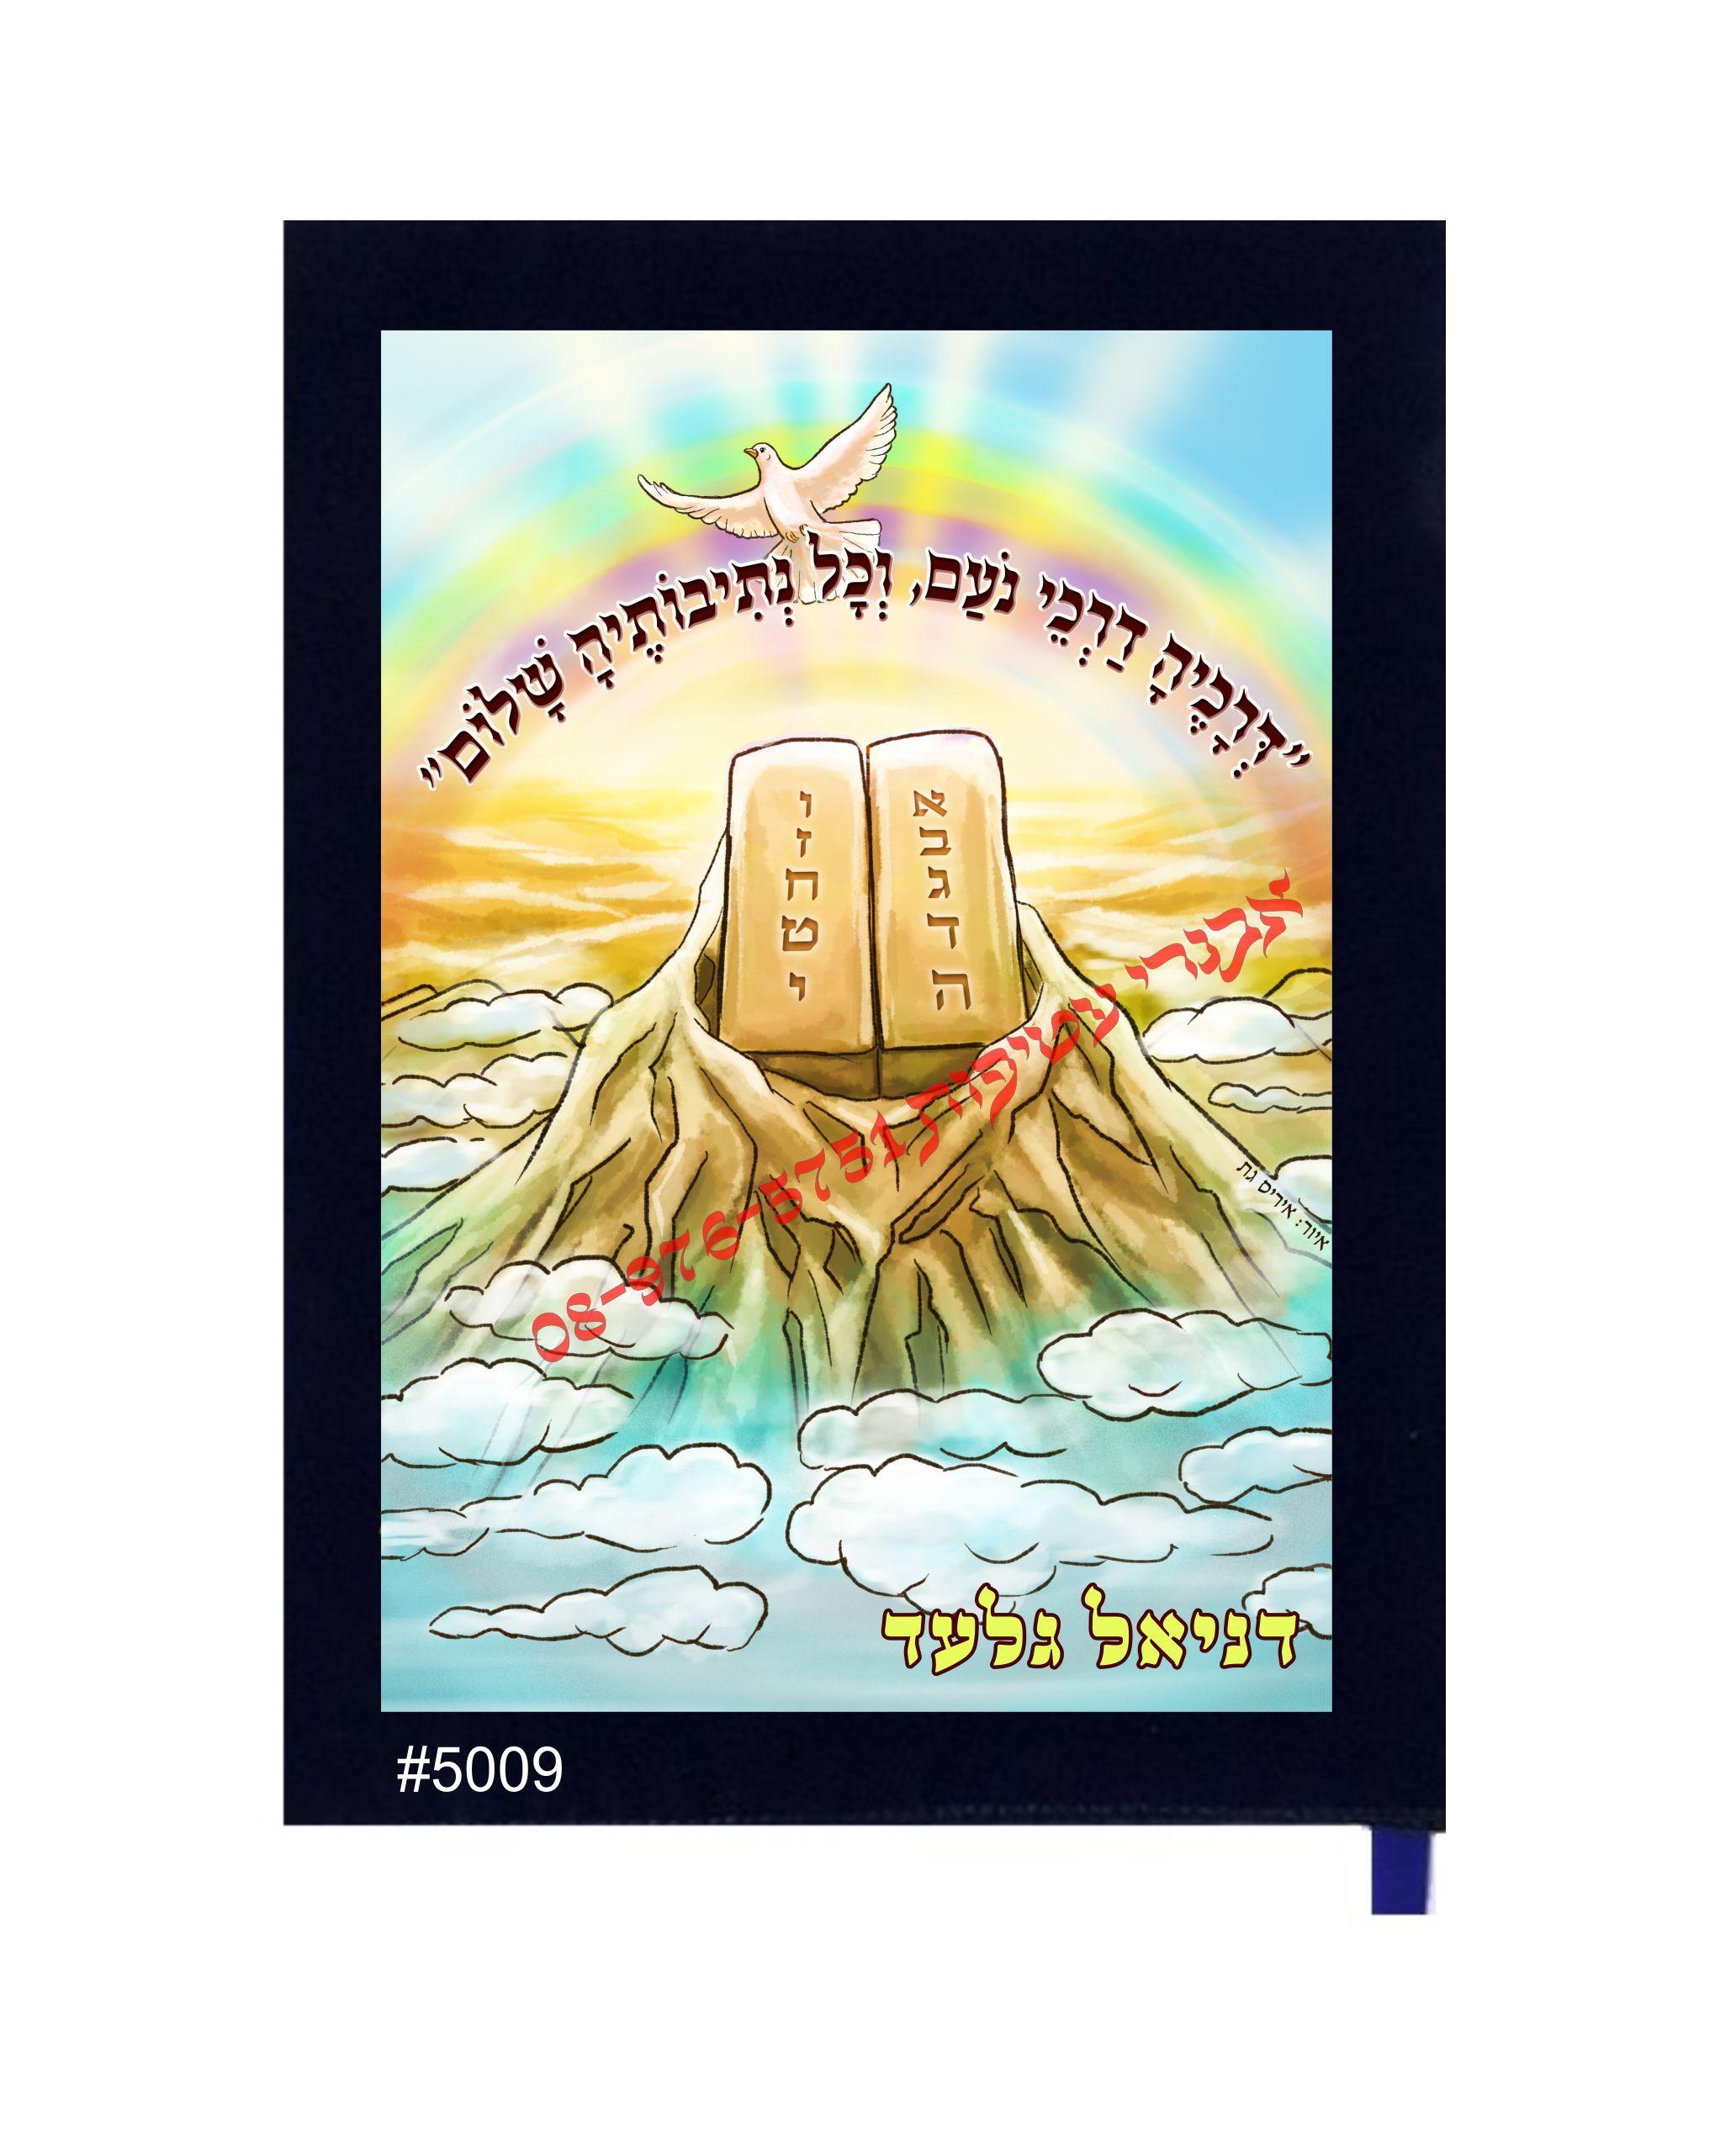 עטיפות לחומש בראשית איור מדהים של  לוחות הברית מרובעות